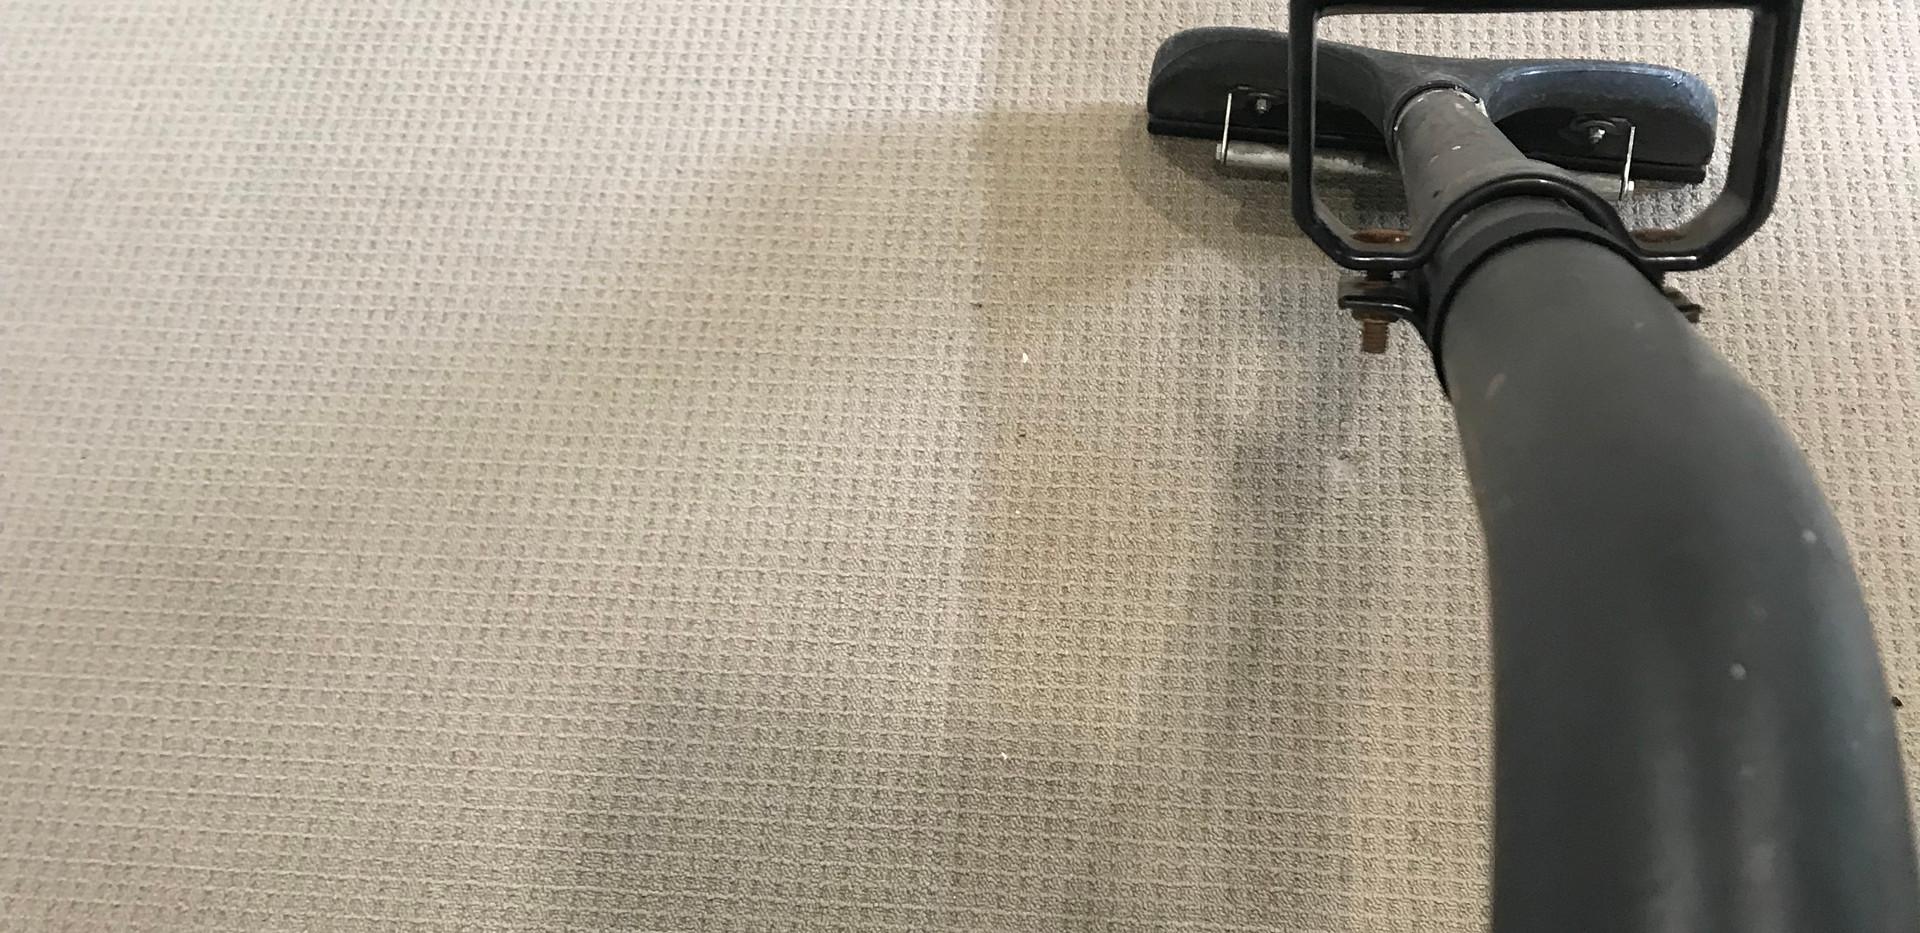 carpet steam clean 2.jpg